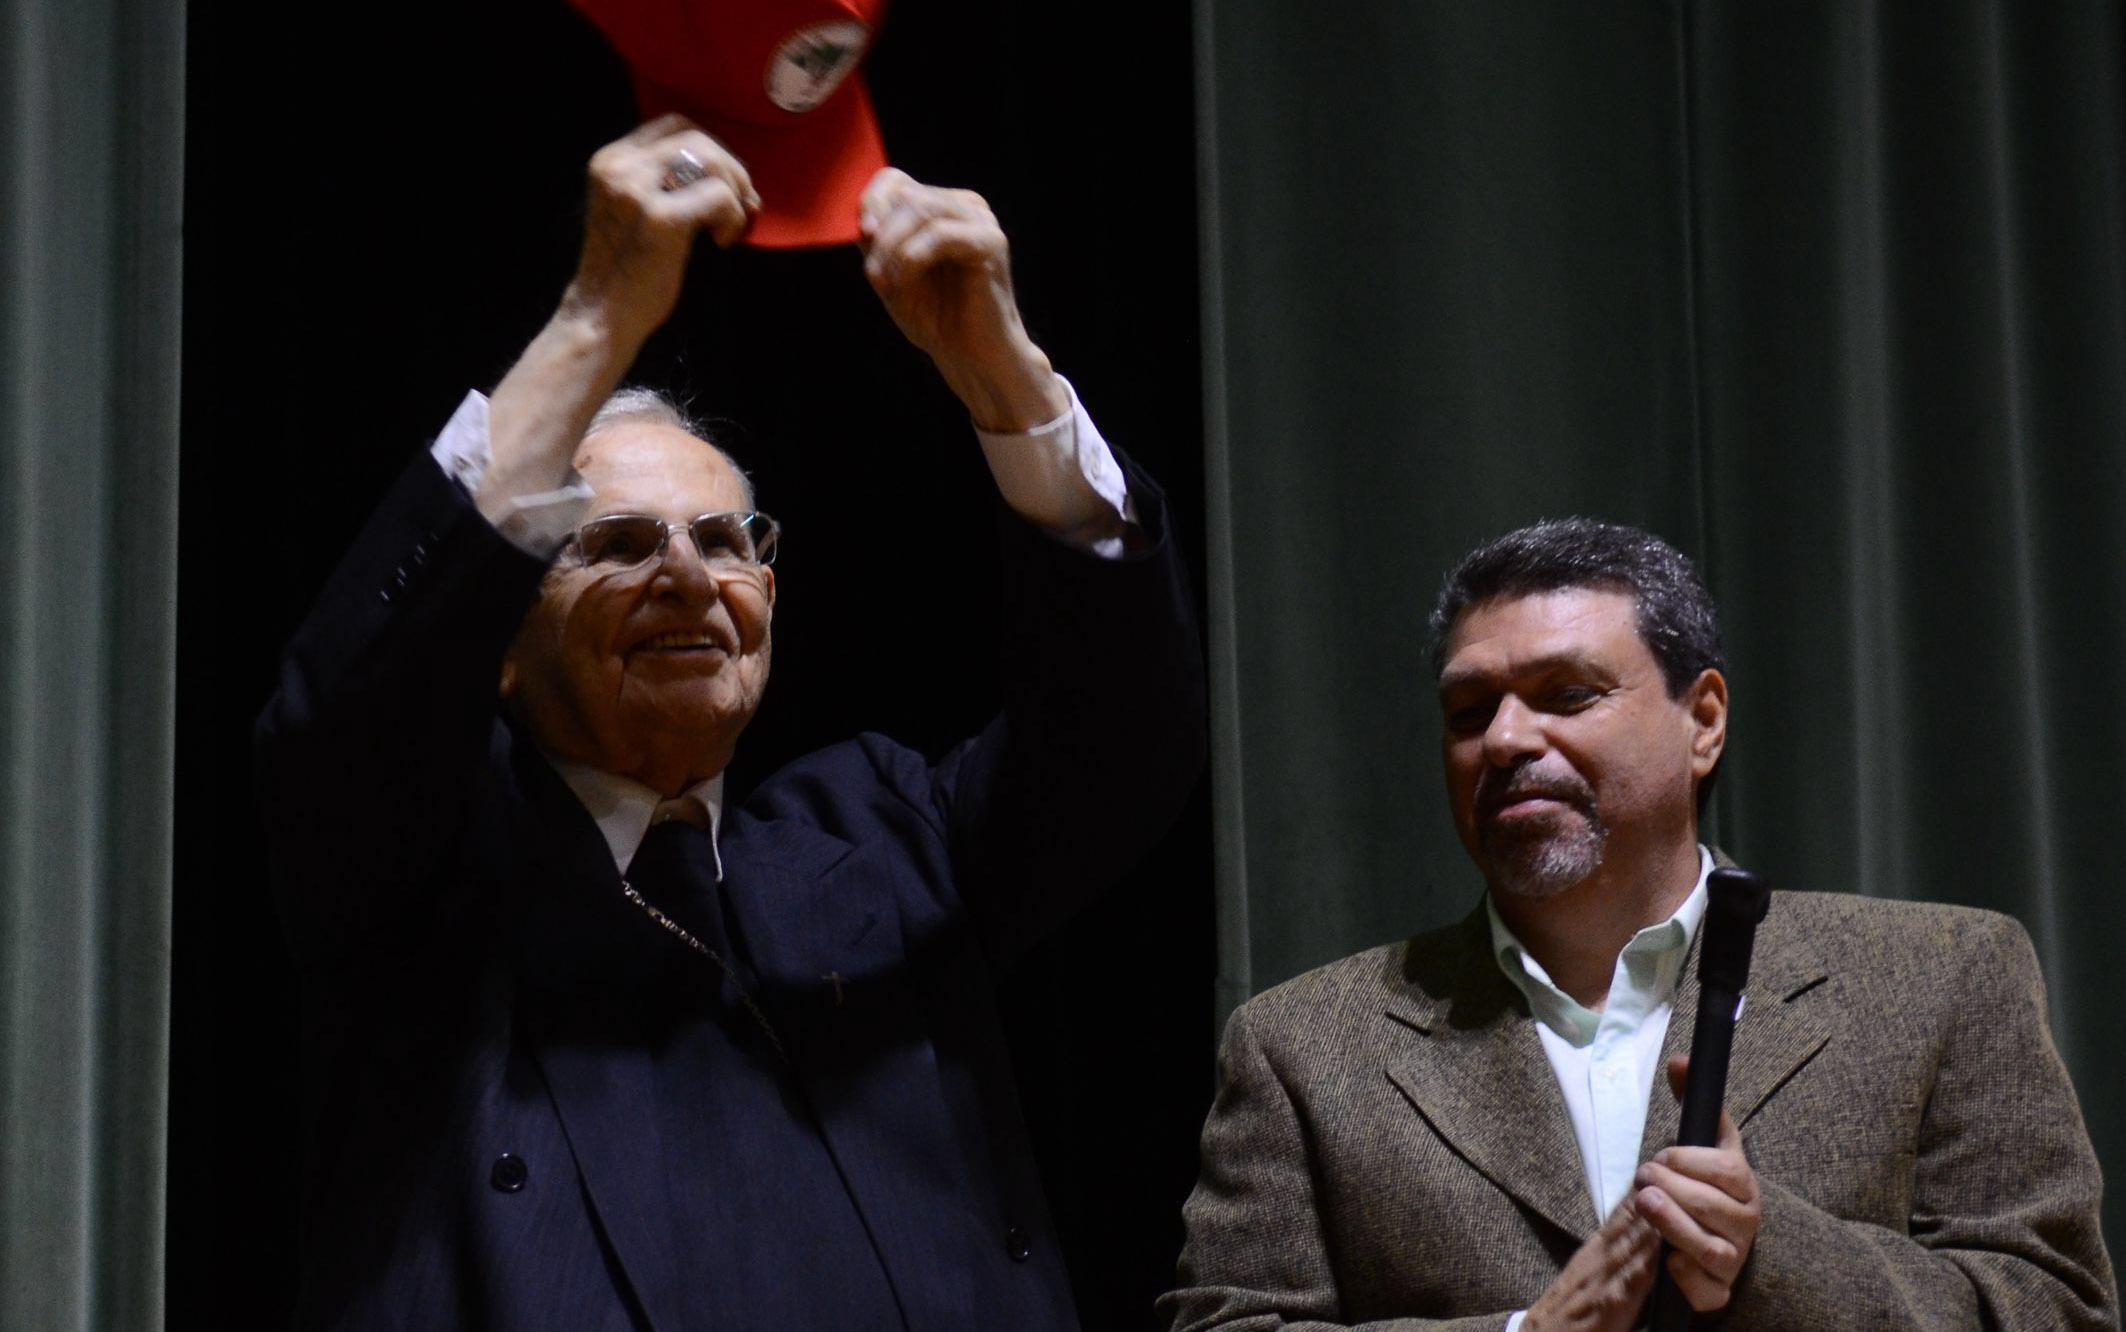 Dom Paulo Evaristo Arns exibe um boné do MST durante homenagem de lideranças na defesa dos direitos humanos aos seus 95 anos na Pontifícia Universidade Católica (PUC), em São Paulo, em outubro de 2016